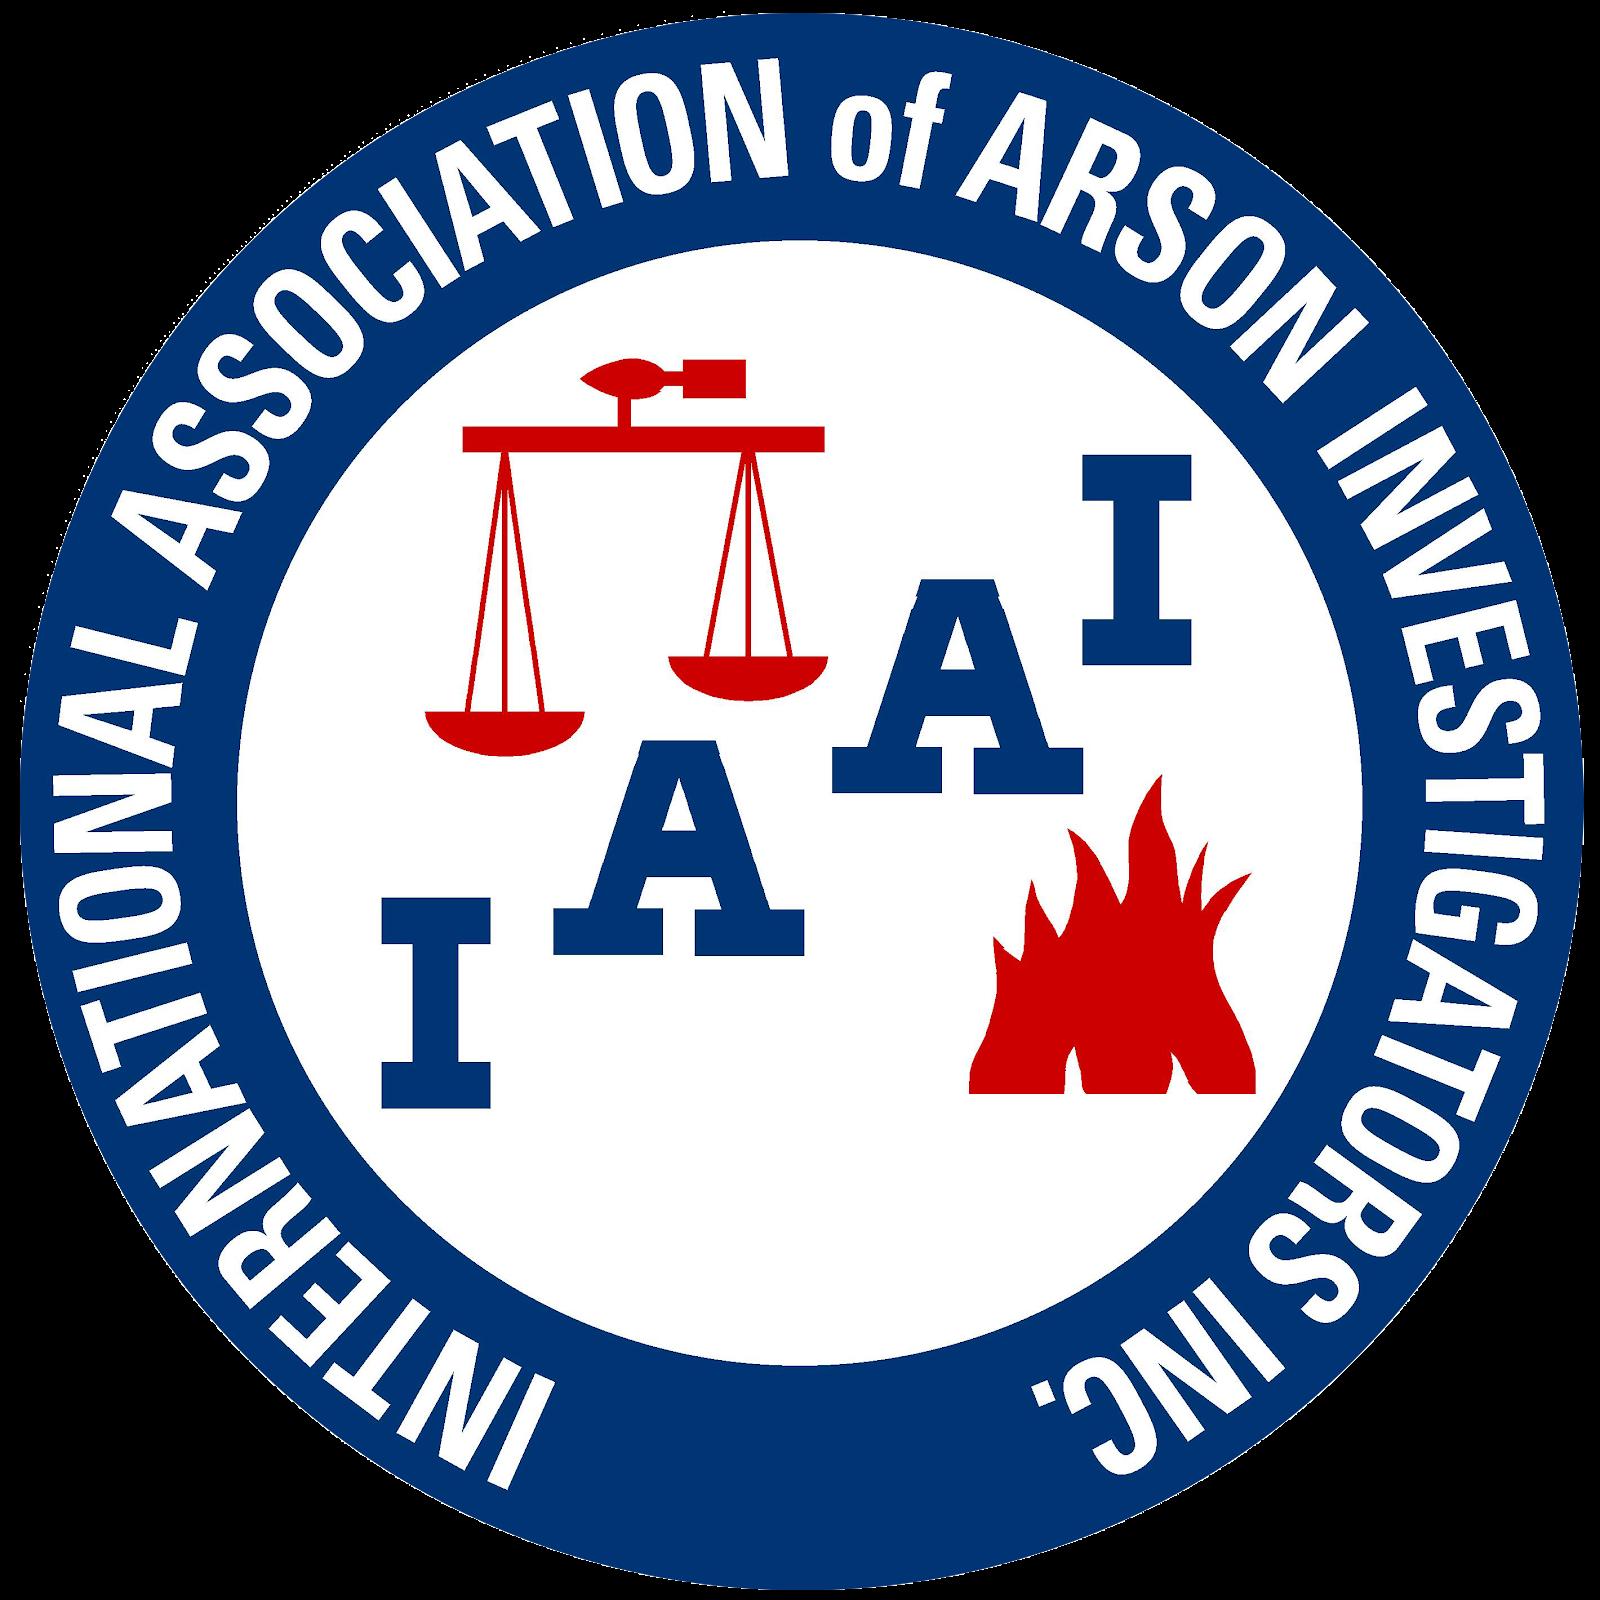 Miembros de la I.A.A.I